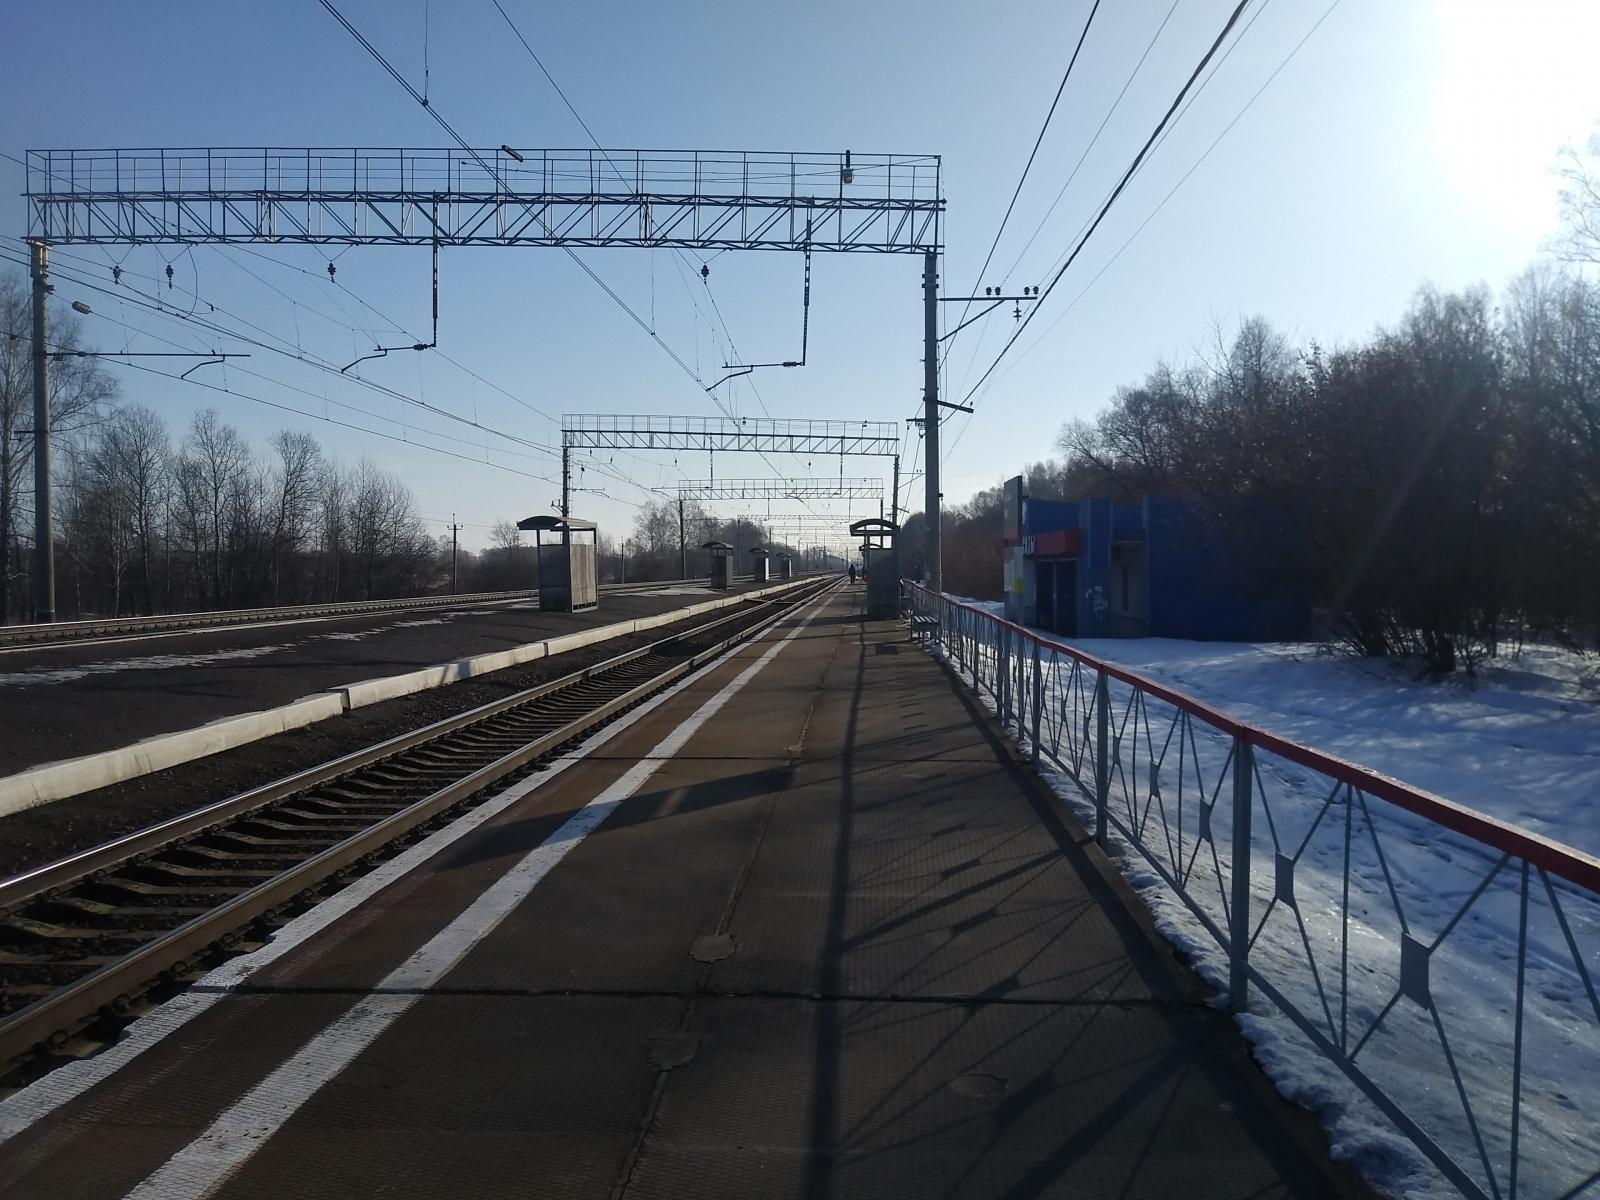 Особенности транспорта Универсиады и очень увлечённый Алексей - 12